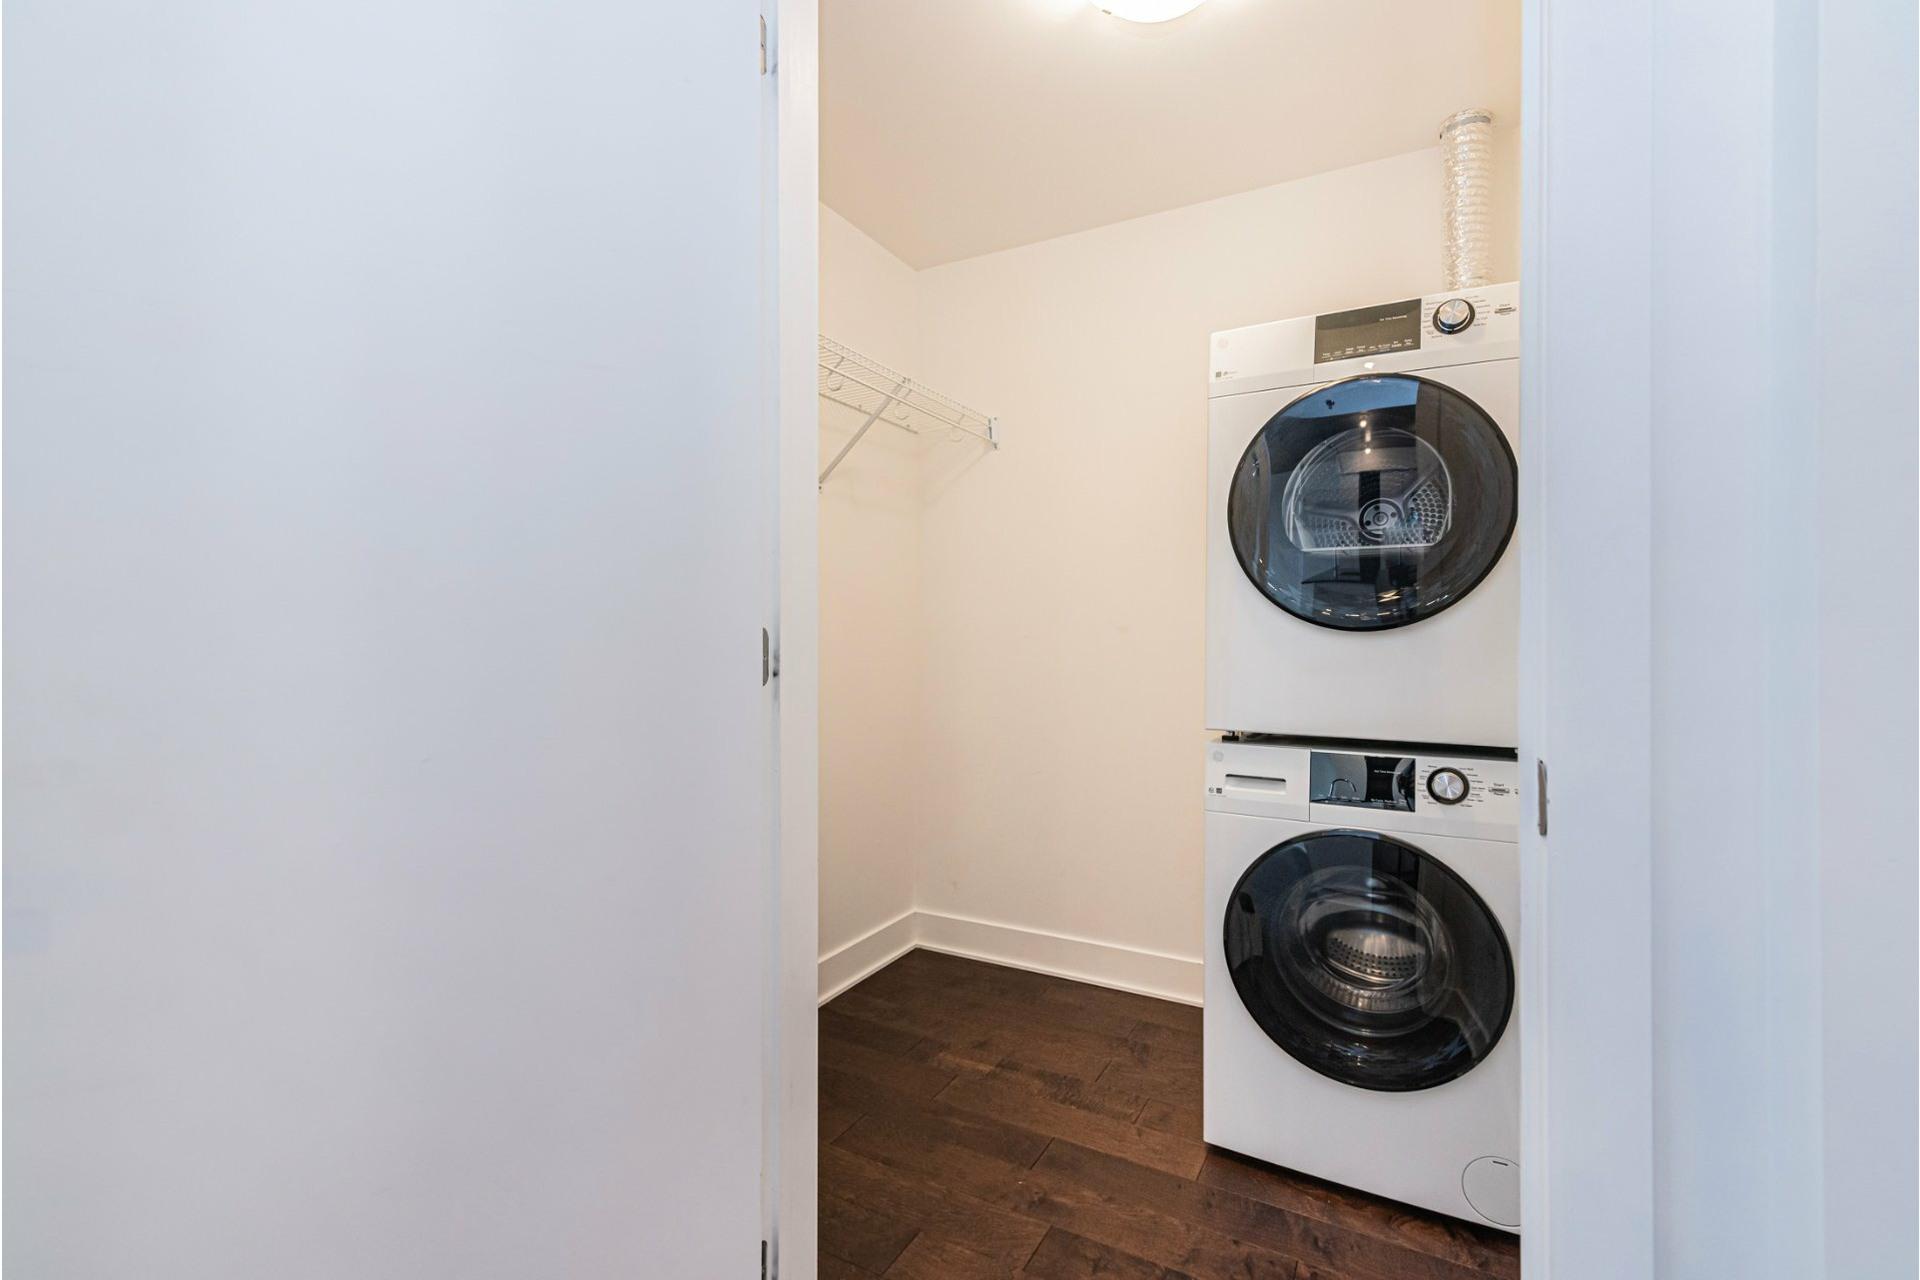 image 14 - Appartement À louer Côte-des-Neiges/Notre-Dame-de-Grâce Montréal  - 6 pièces